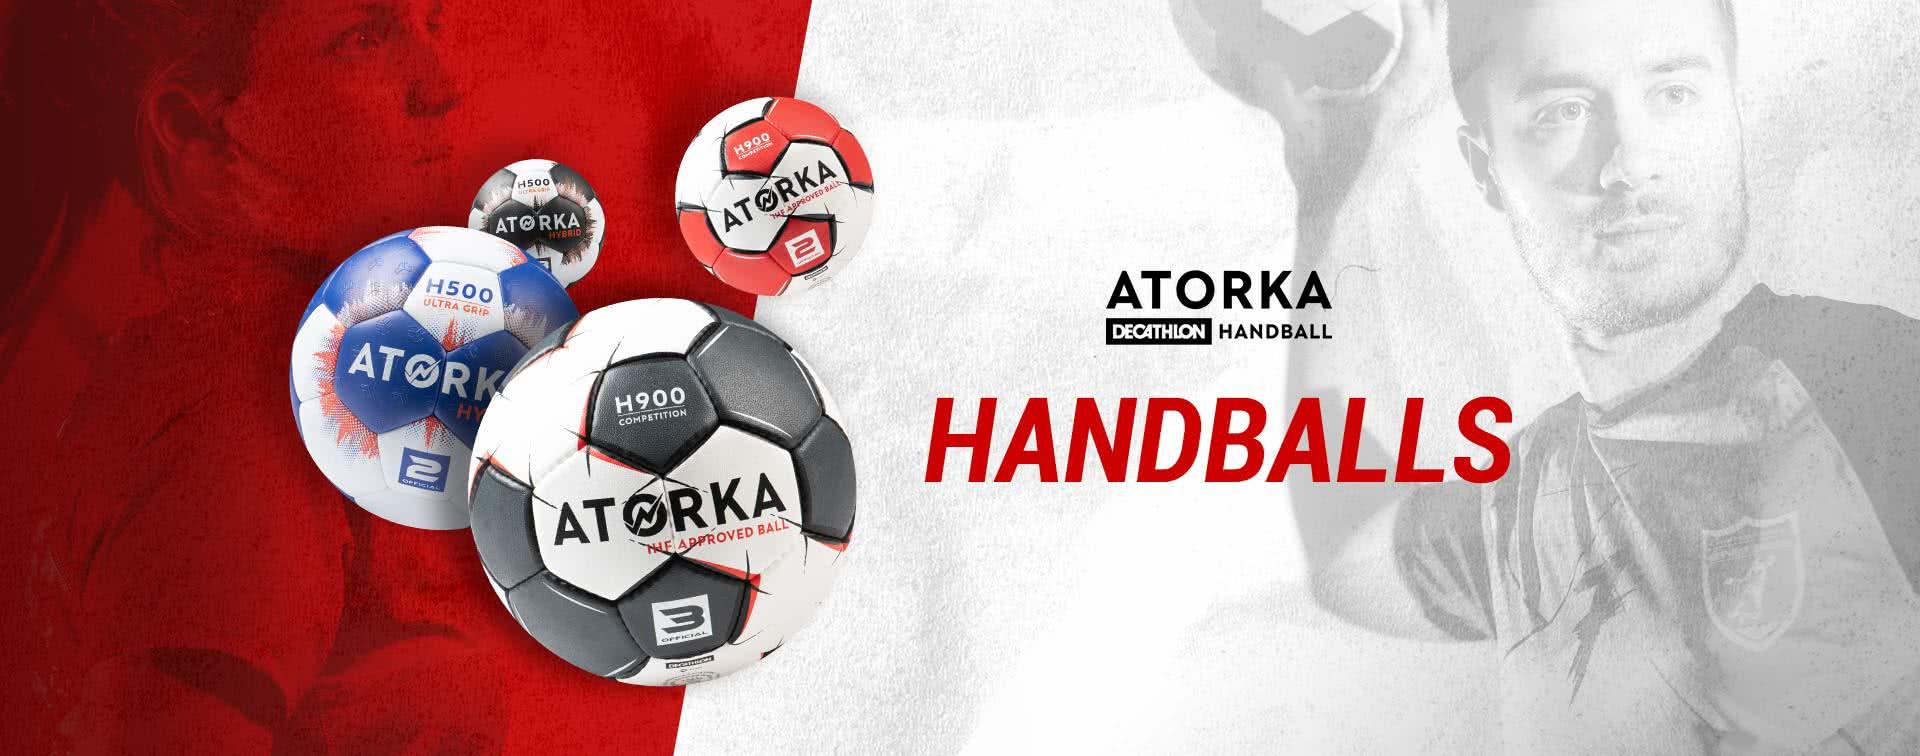 Atorka handballs